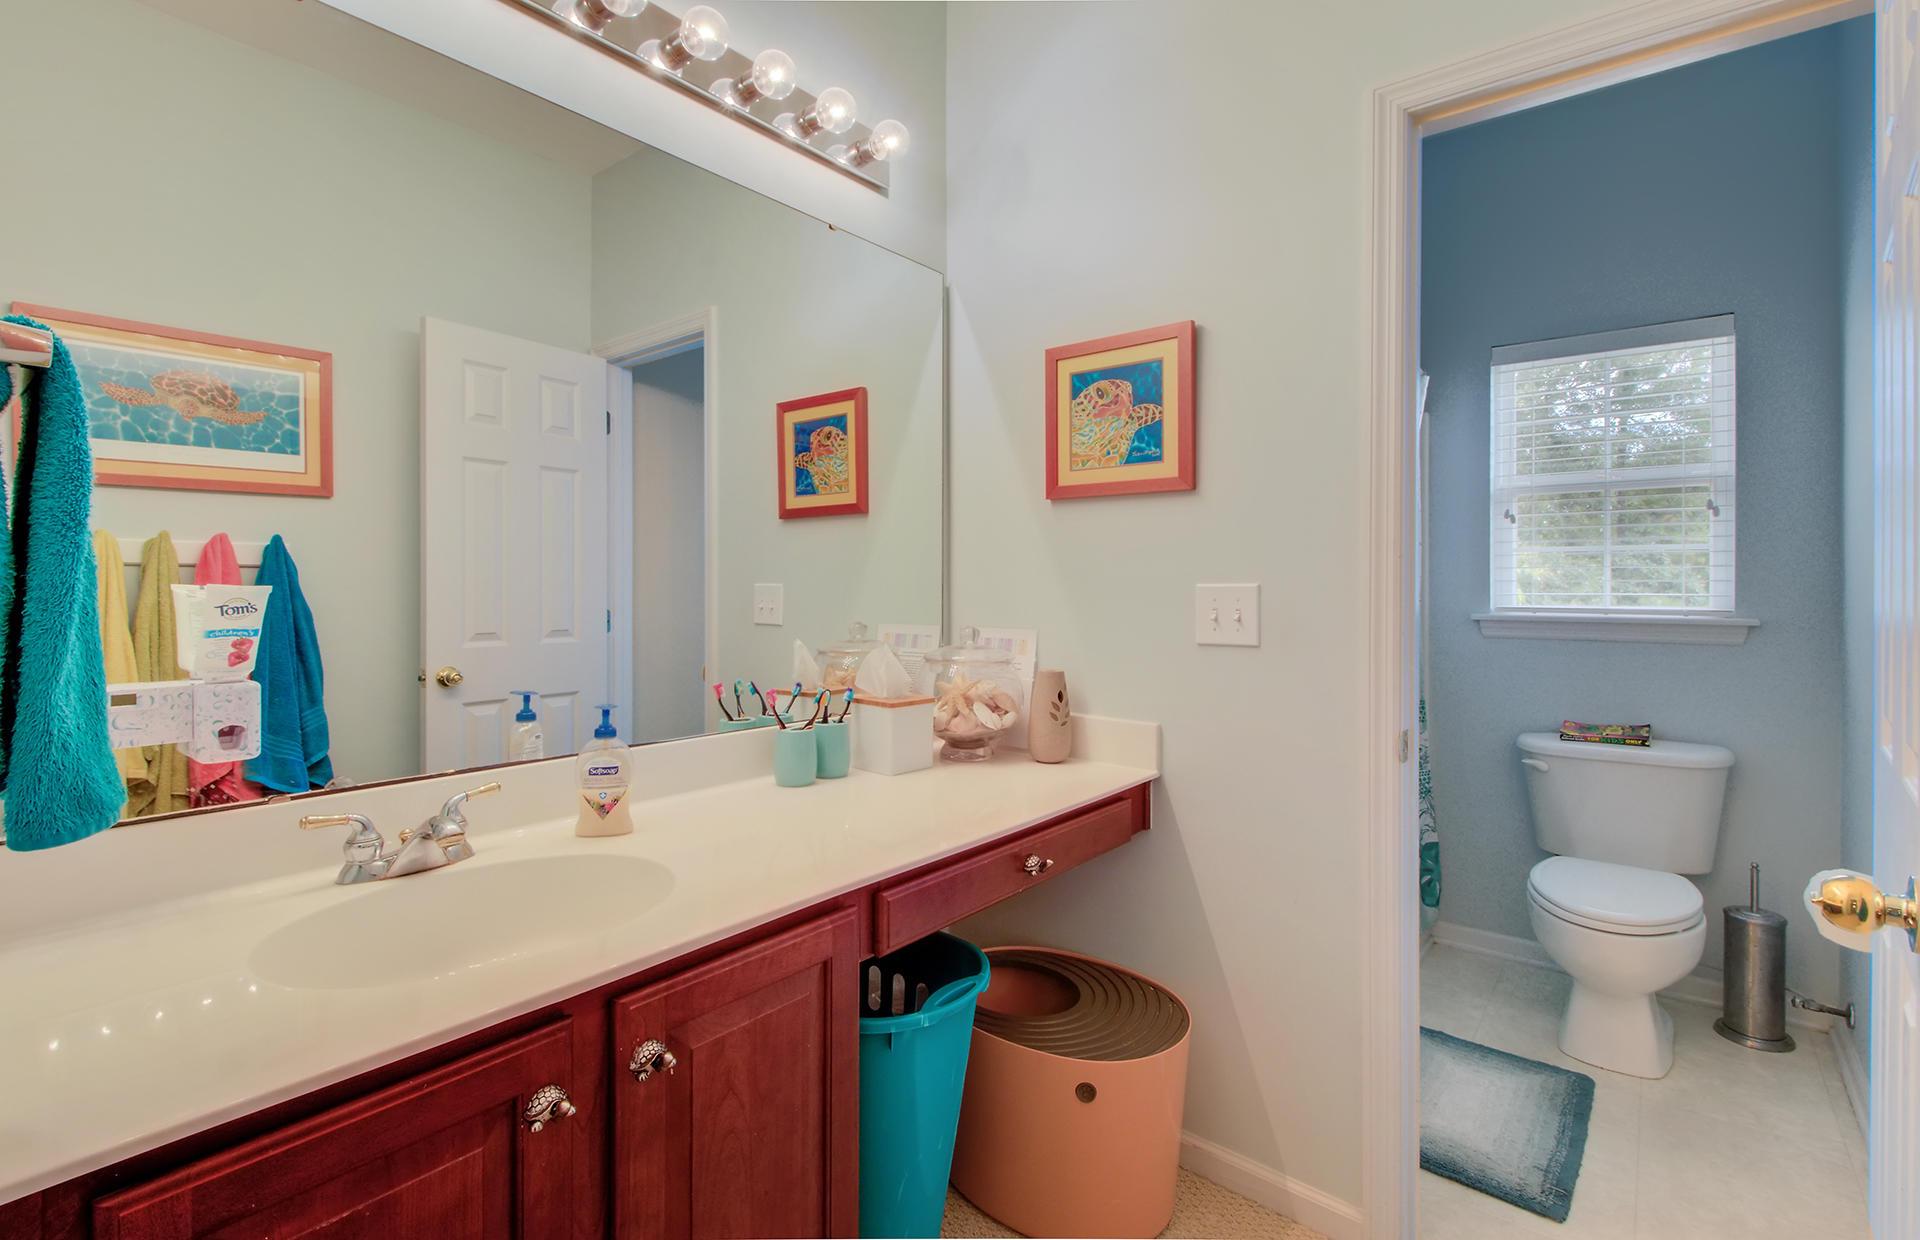 Park West Homes For Sale - 2500 Draymohr, Mount Pleasant, SC - 12